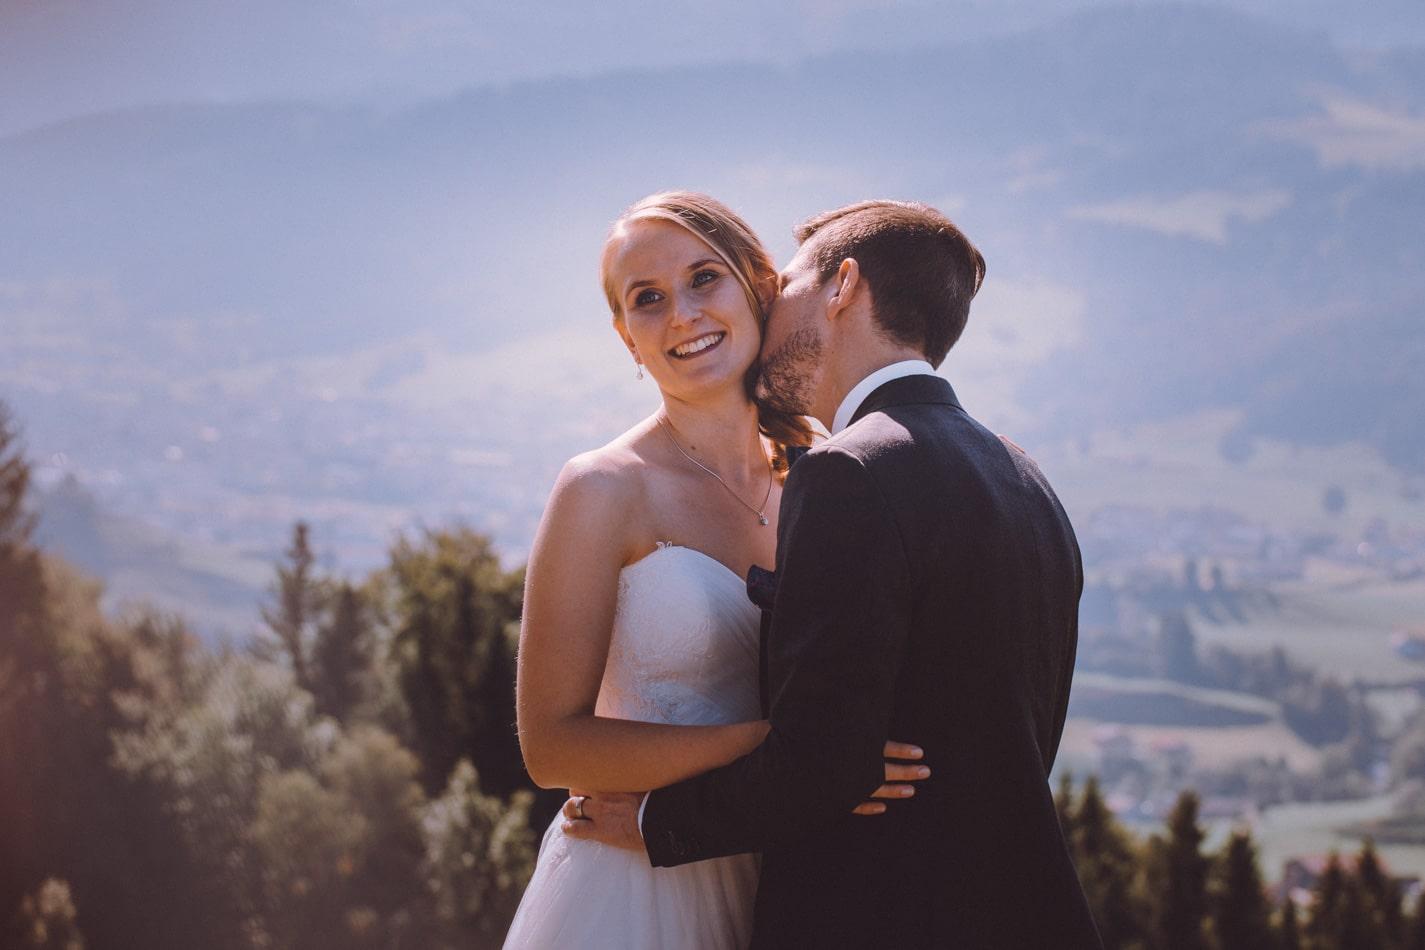 Hochzeitsfotoshooting in Appenzell, Schweiz